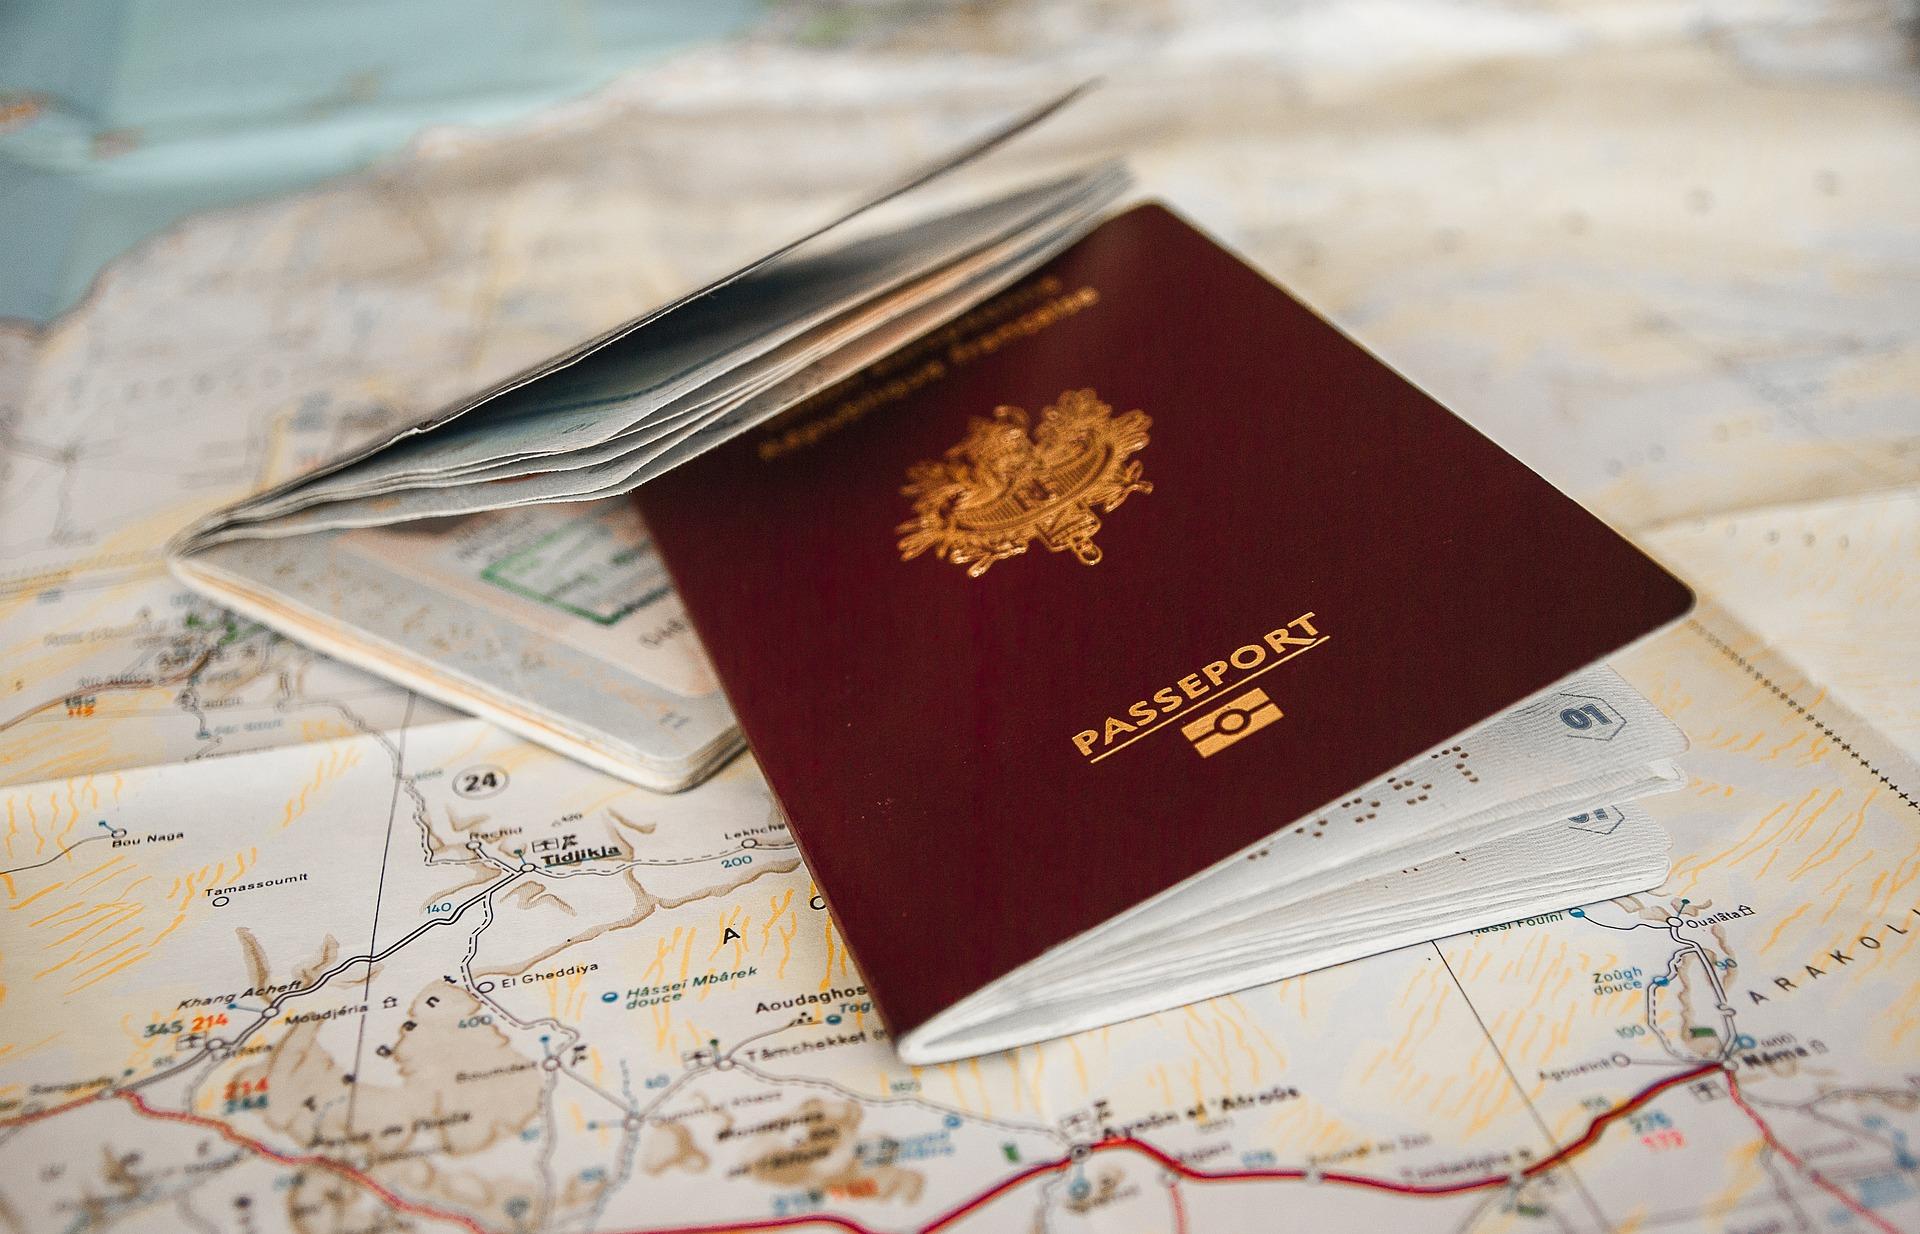 Seyahat özgürlüğü sıralamasında Türkiye kaçıncı sırada yer alıyor?